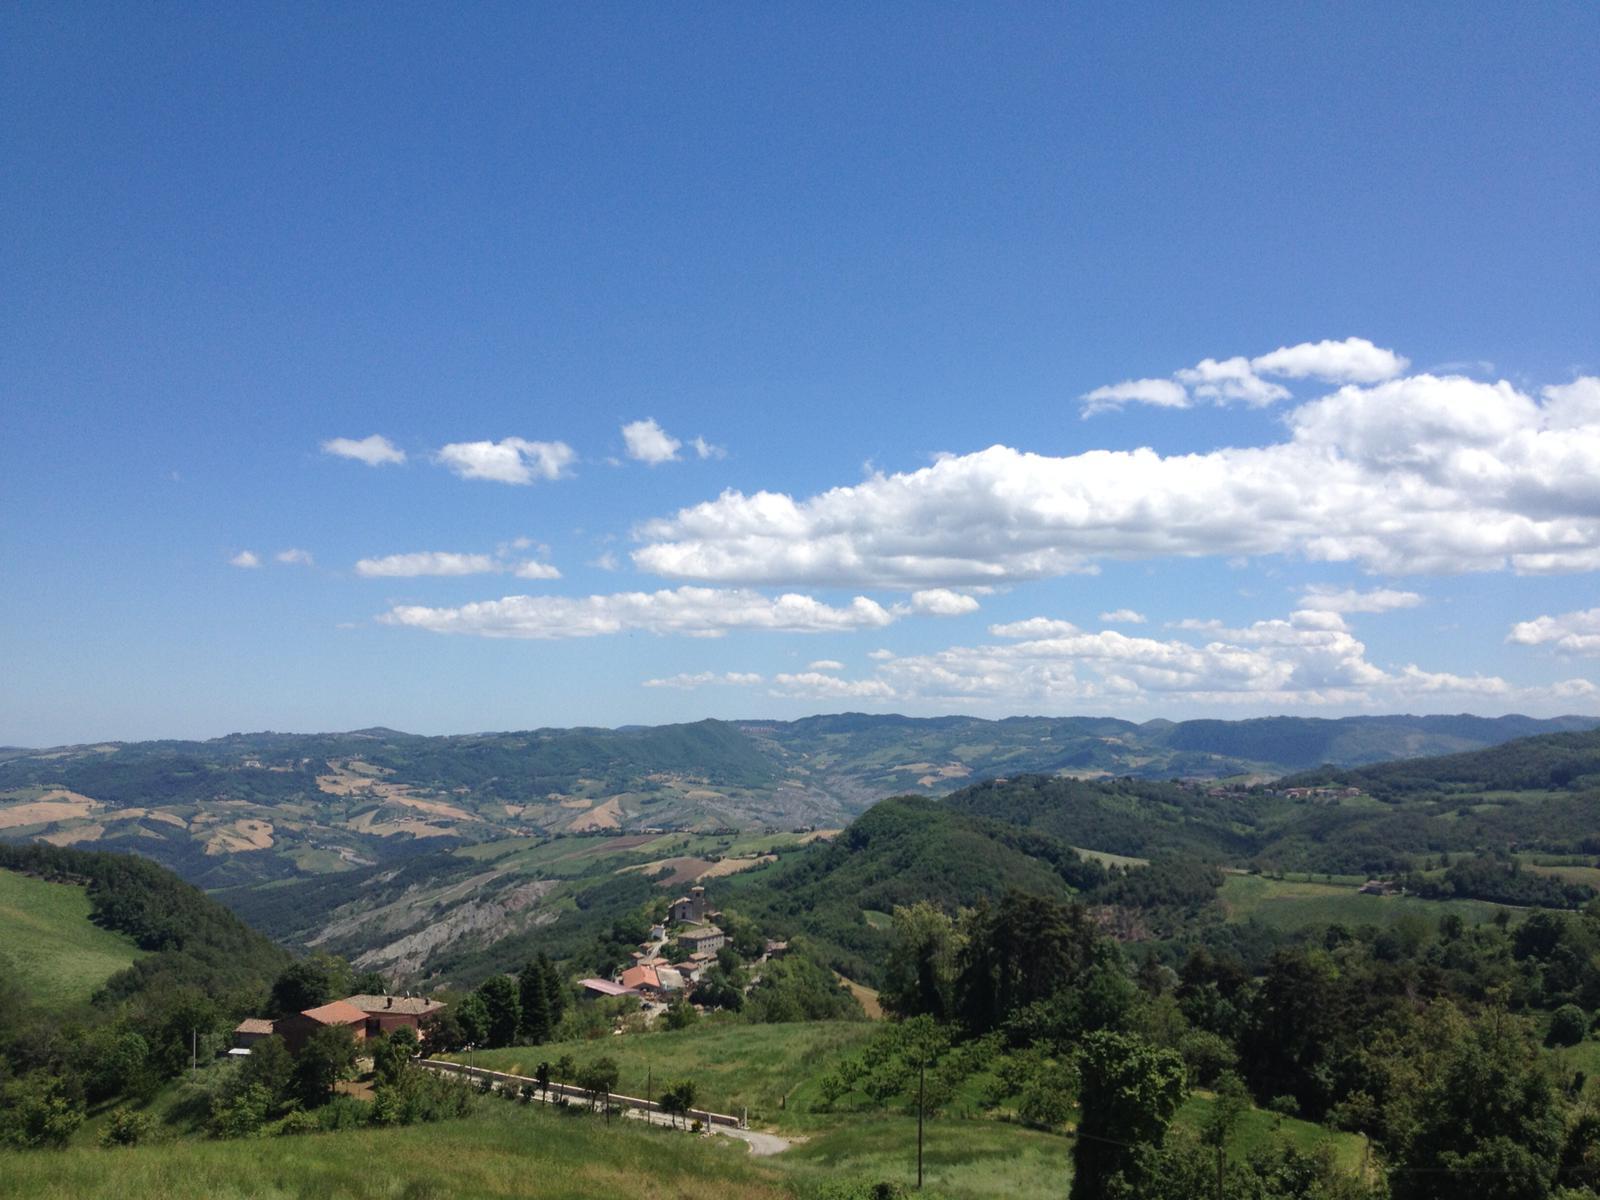 Veduta della strada che porta a Benedello e della frazione di Iddiano, foto di Fausto Corsini - battaglia di Benedello